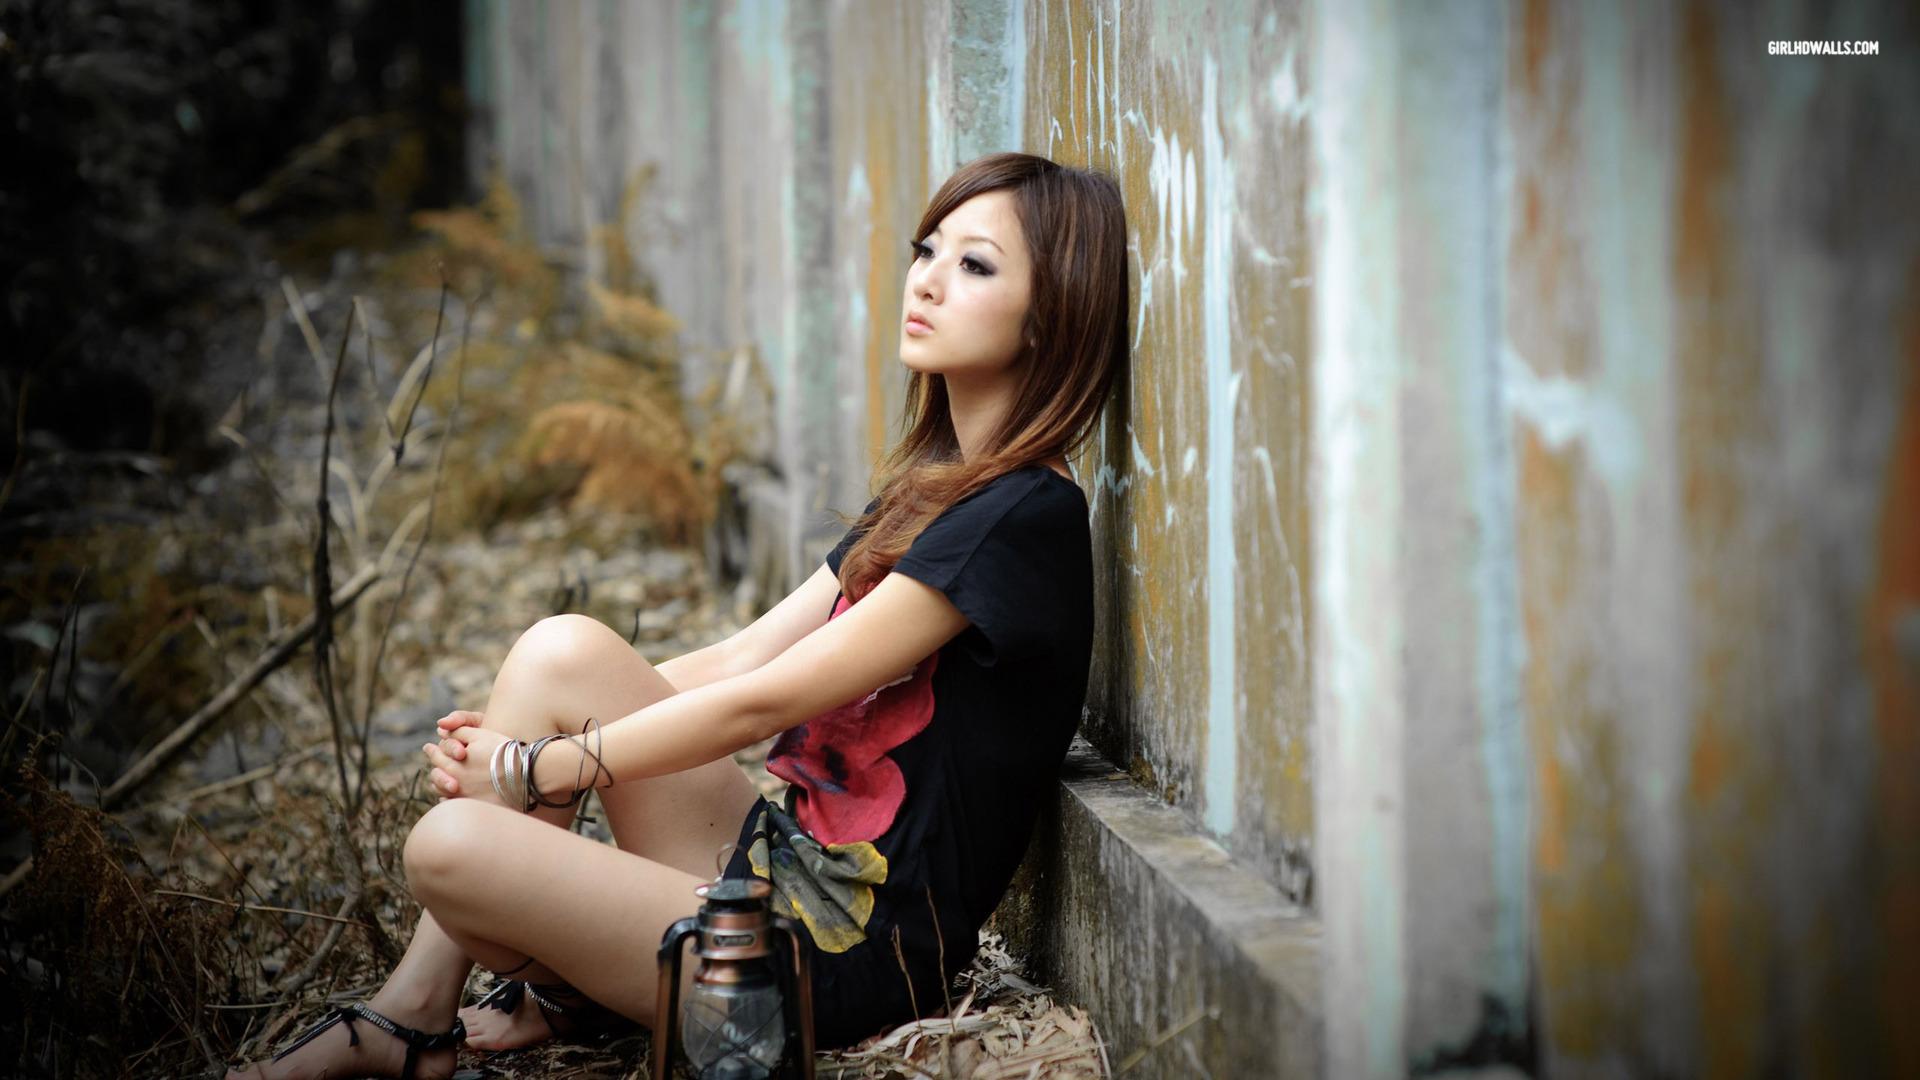 Mikako Zhang wallpaper 1920x1080 7823 1920x1080